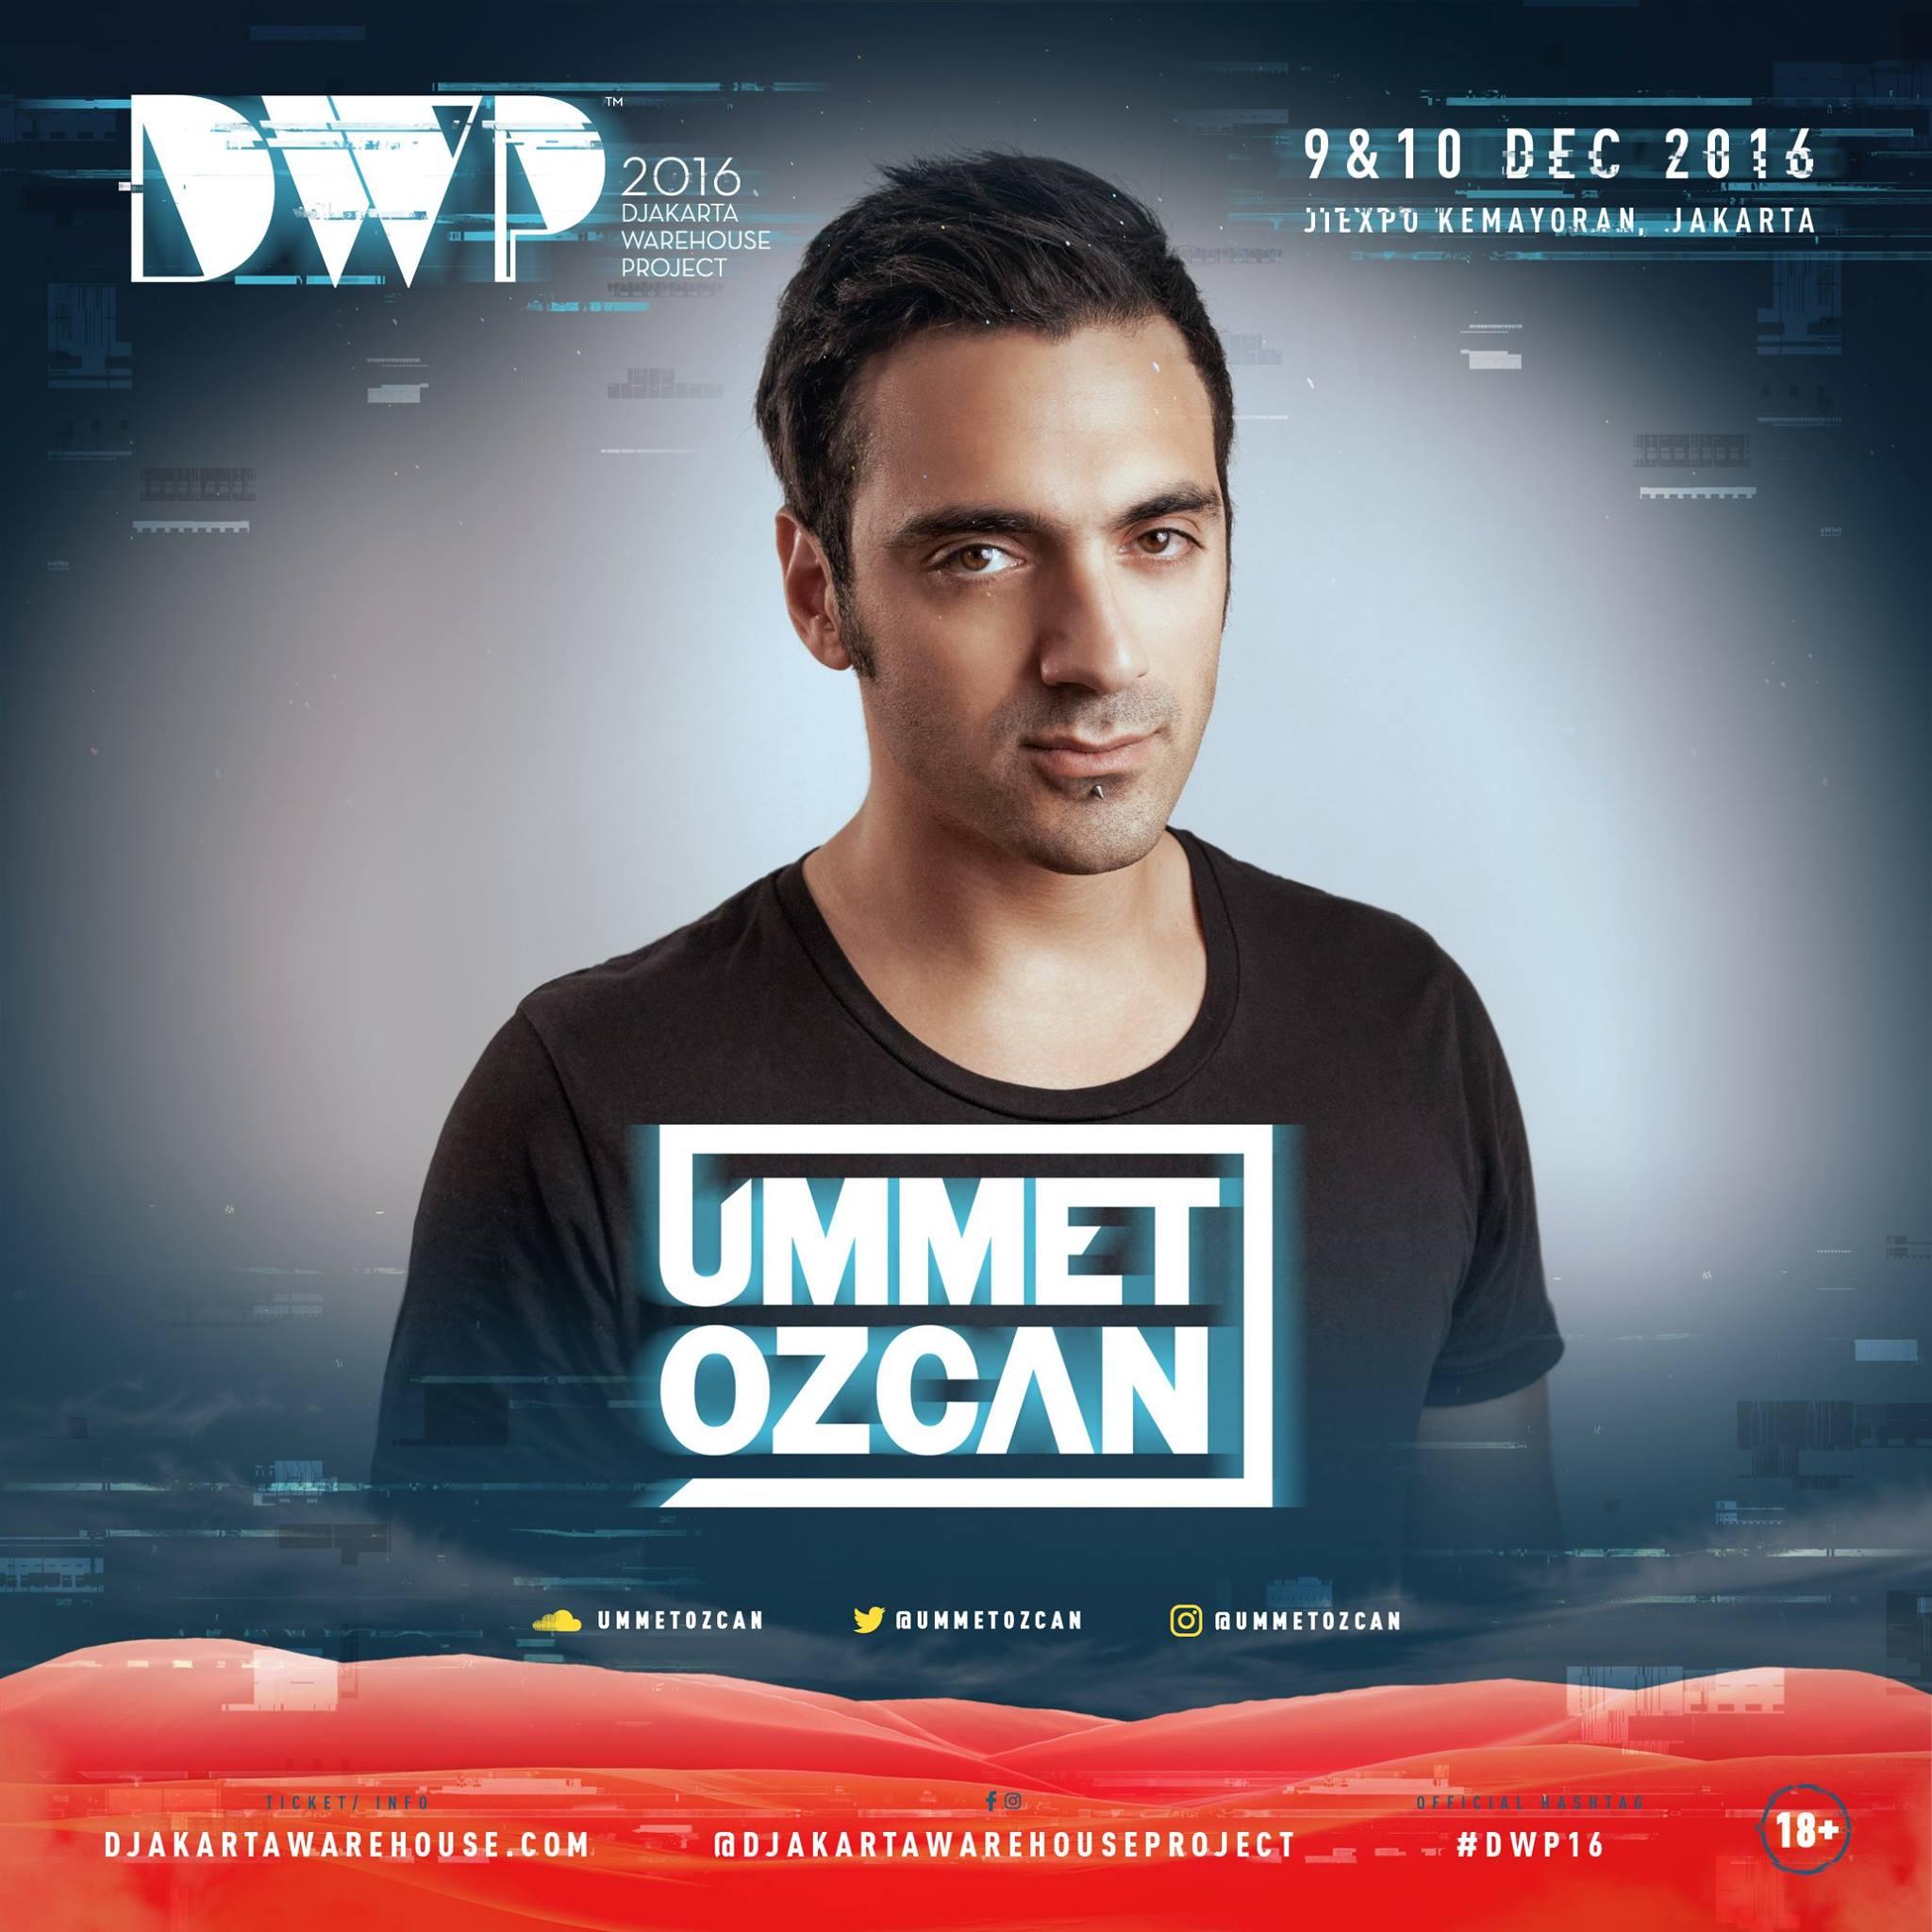 dwp-2016-ummet-ozcan